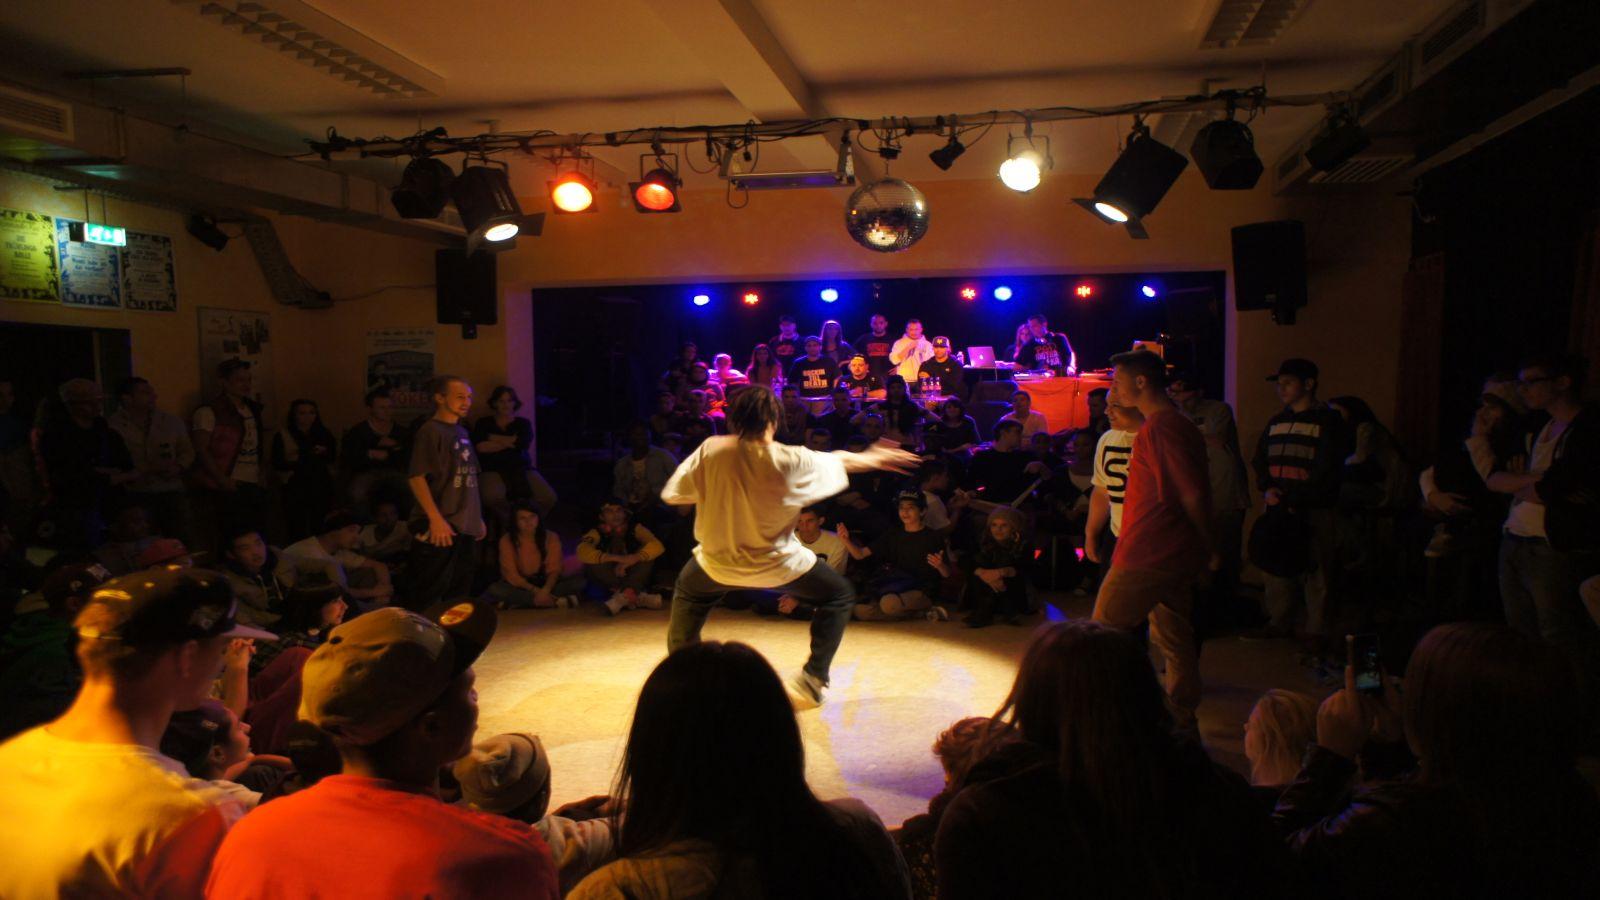 Foto aus dem großen KiK-Saal: bunte Strahler beleuchten eine Tanzfläche mit Hiphop-Tänzern, im Hinergrund beleuchten bunte Dicso-Strahler eine Bühne mit mehreren Personen an einem Tisch. Um die Tänzer sind Zuschauer.